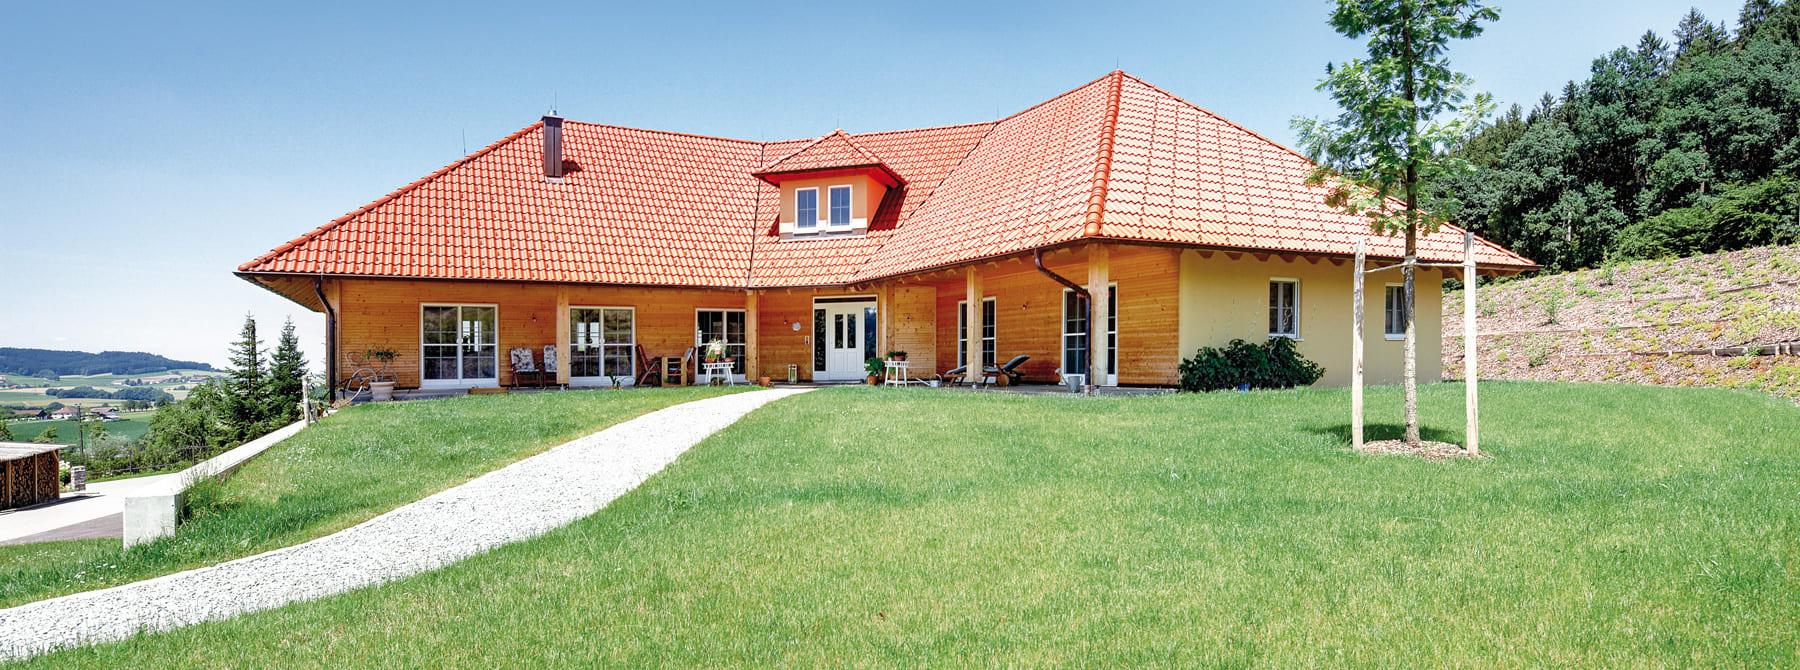 Kundenhaus Hausruckinger Ein Elegantes Holzhaus Von Sonnleitner